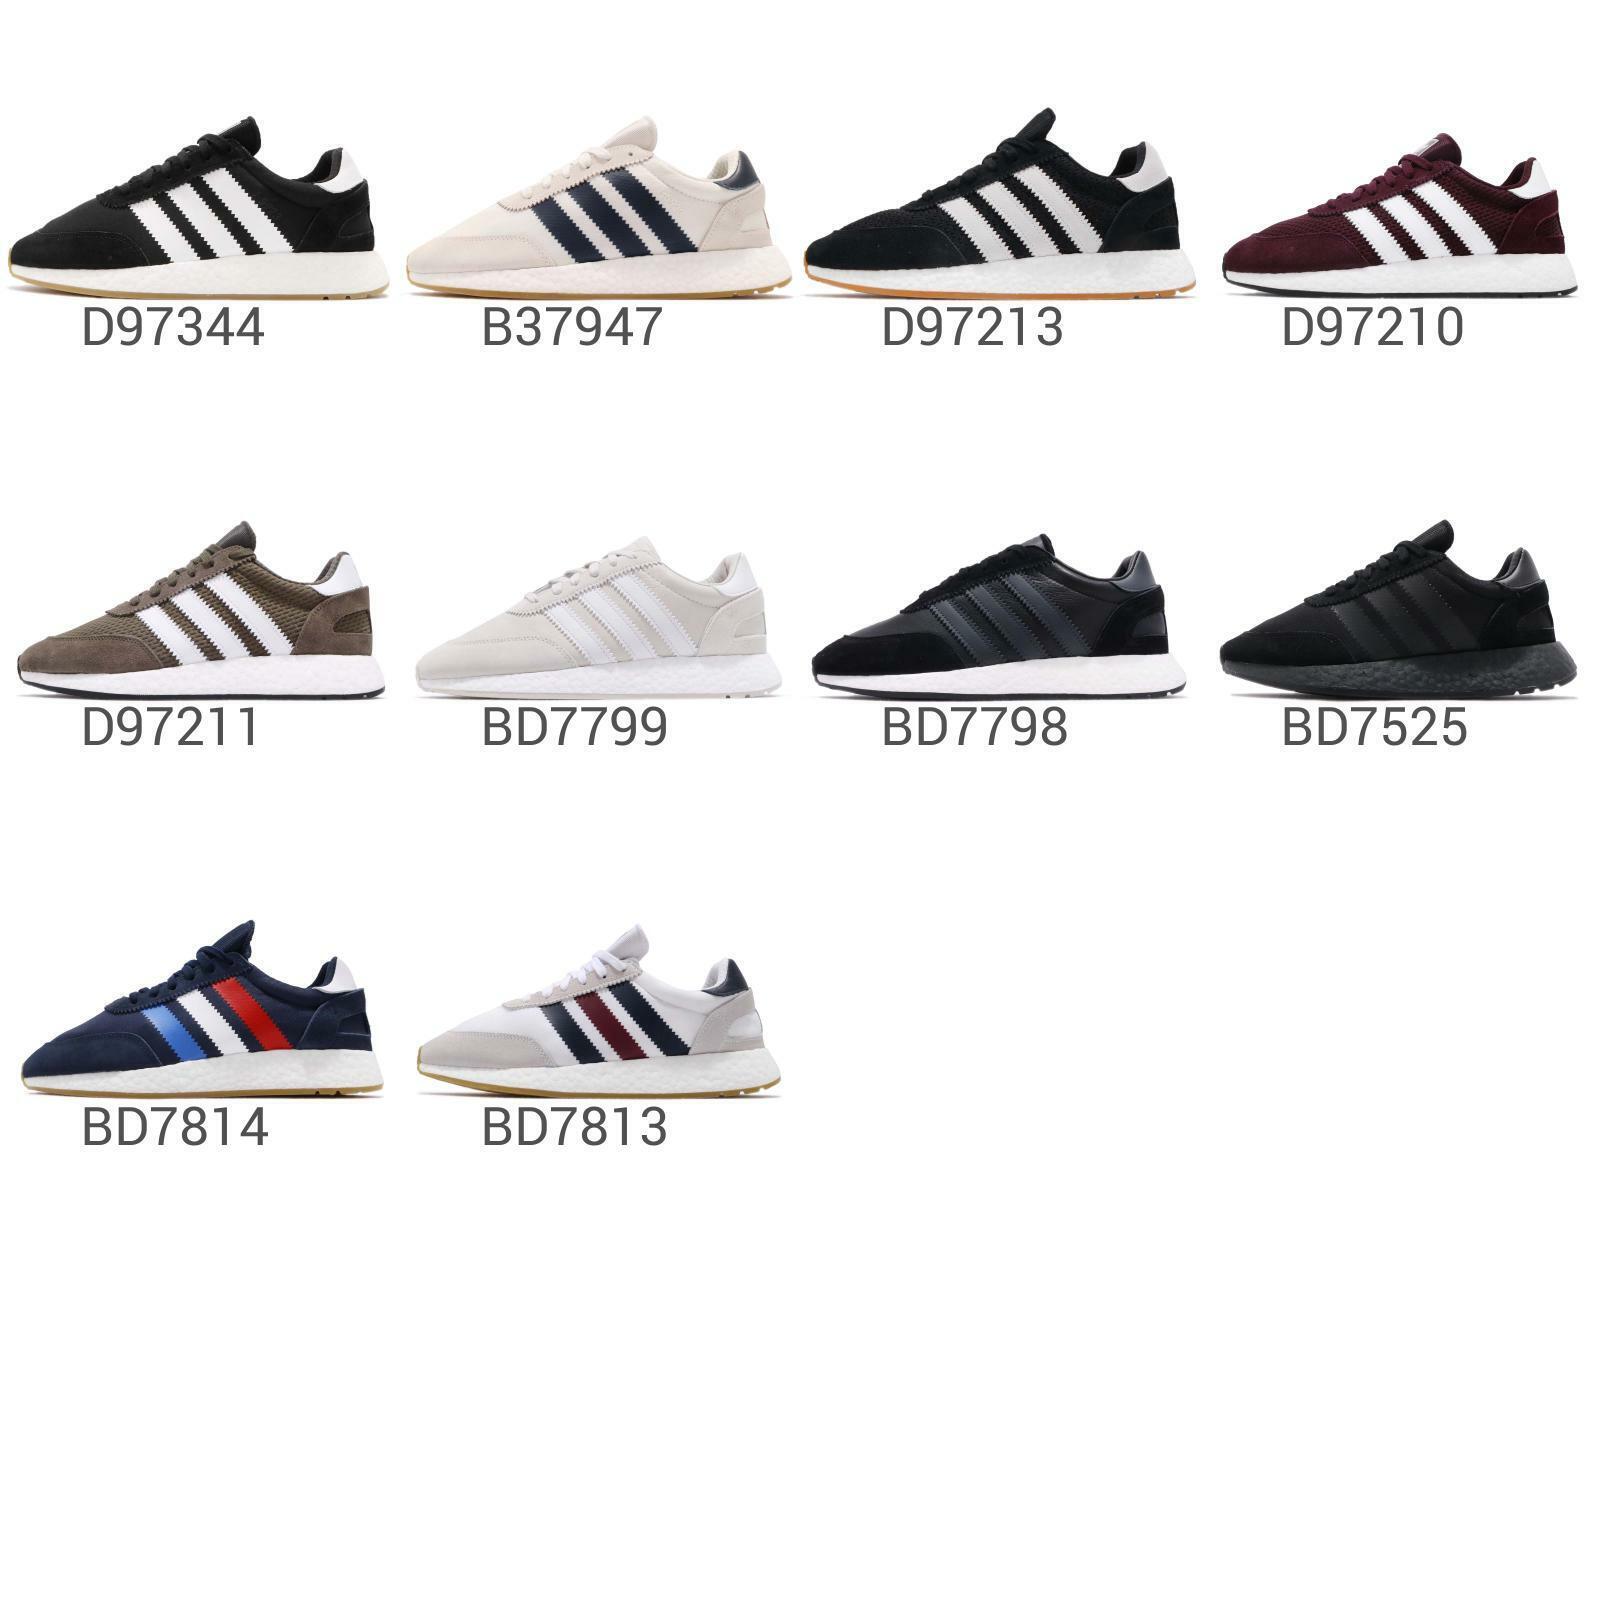 Adidas Originals I-5923 Iniki Runner BOOST Mens Running zapatos zapatillas Pick 1